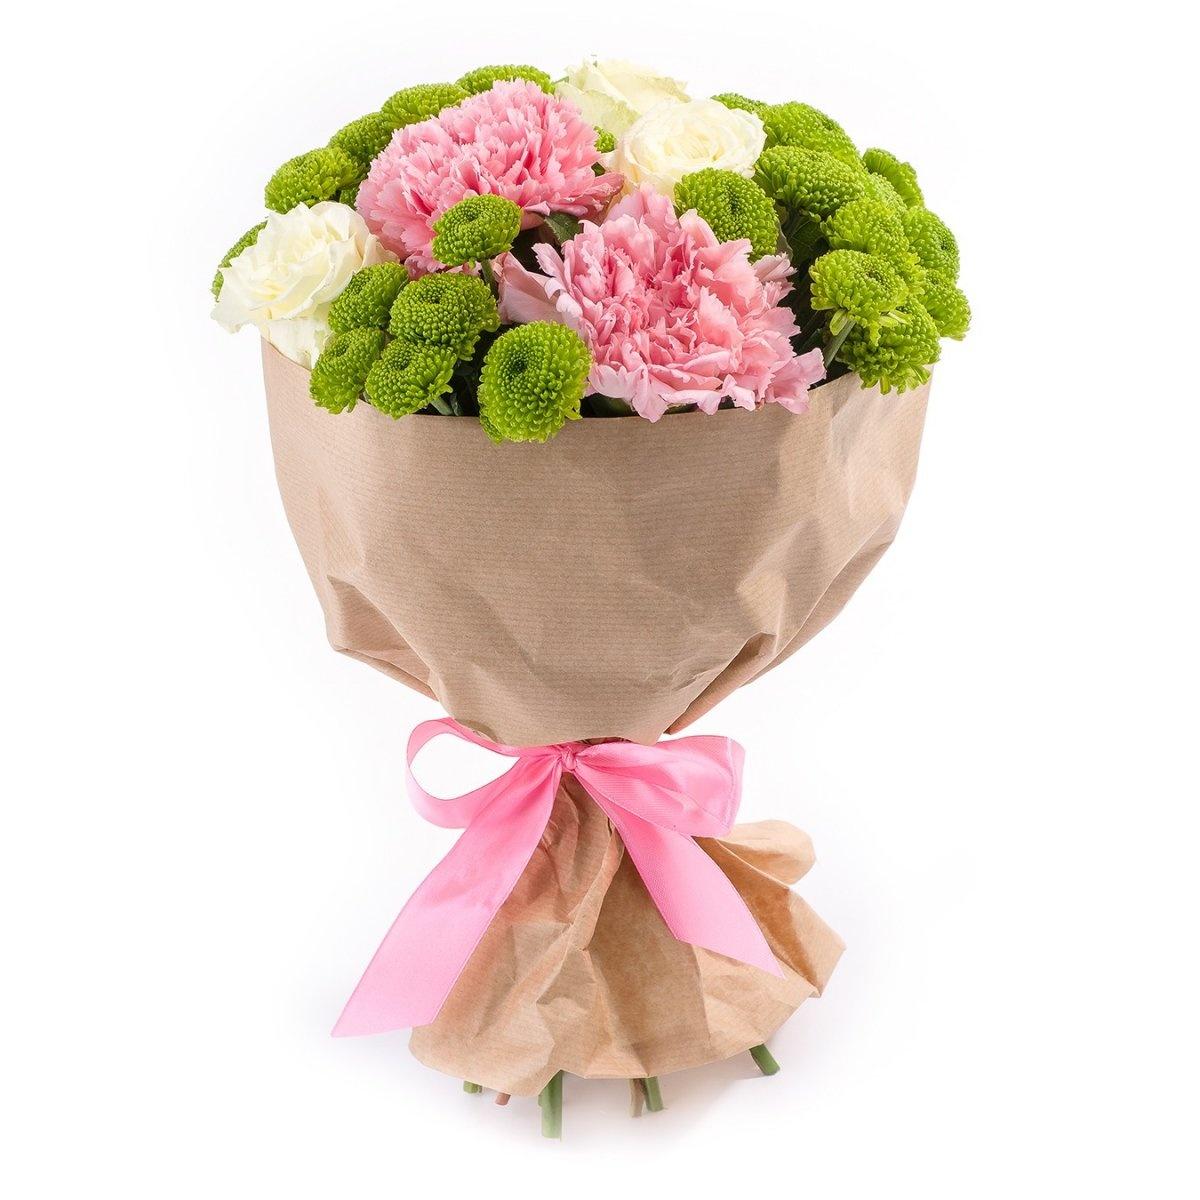 Доставка цветов в филадельфию цены в гривнах